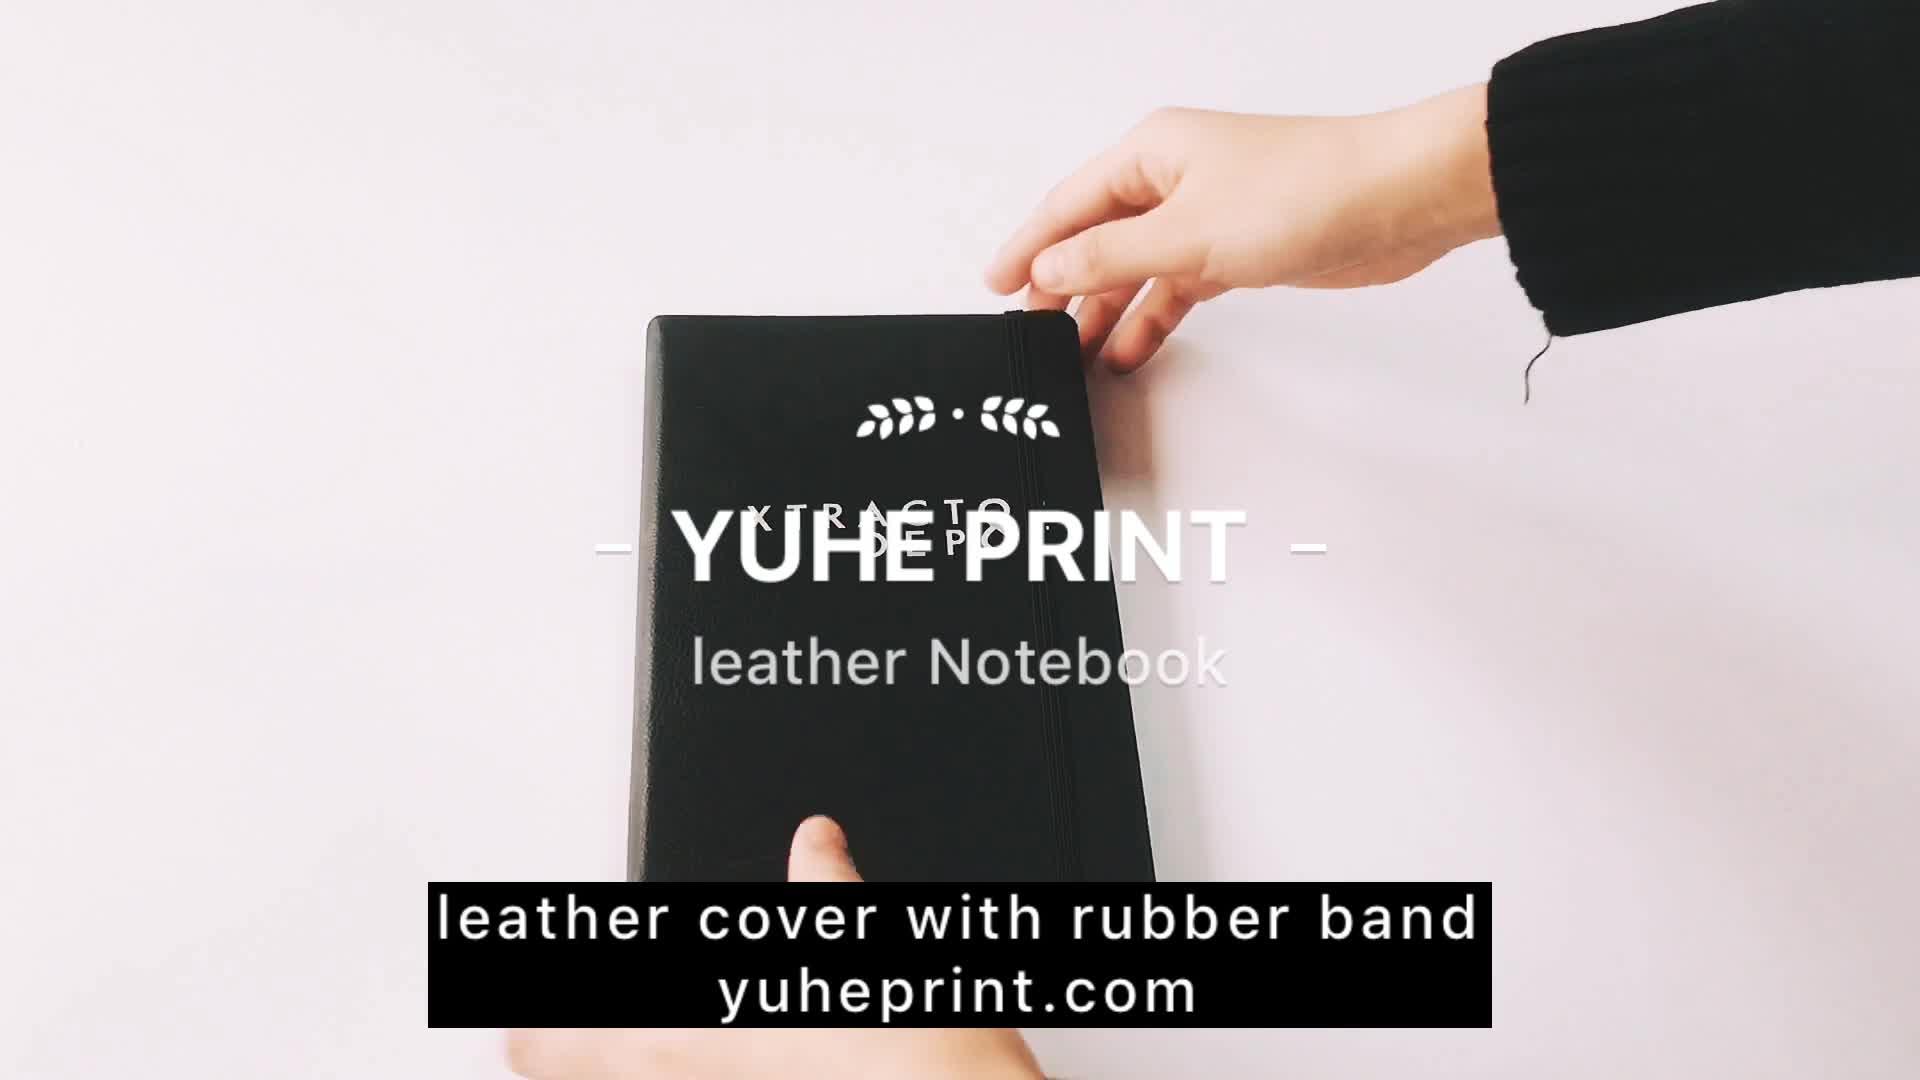 2019 Tagebuch / Agenda Büro billig A5 Hardcover Logo angepasst Firmenname gedruckt Business PU Leder Notebook